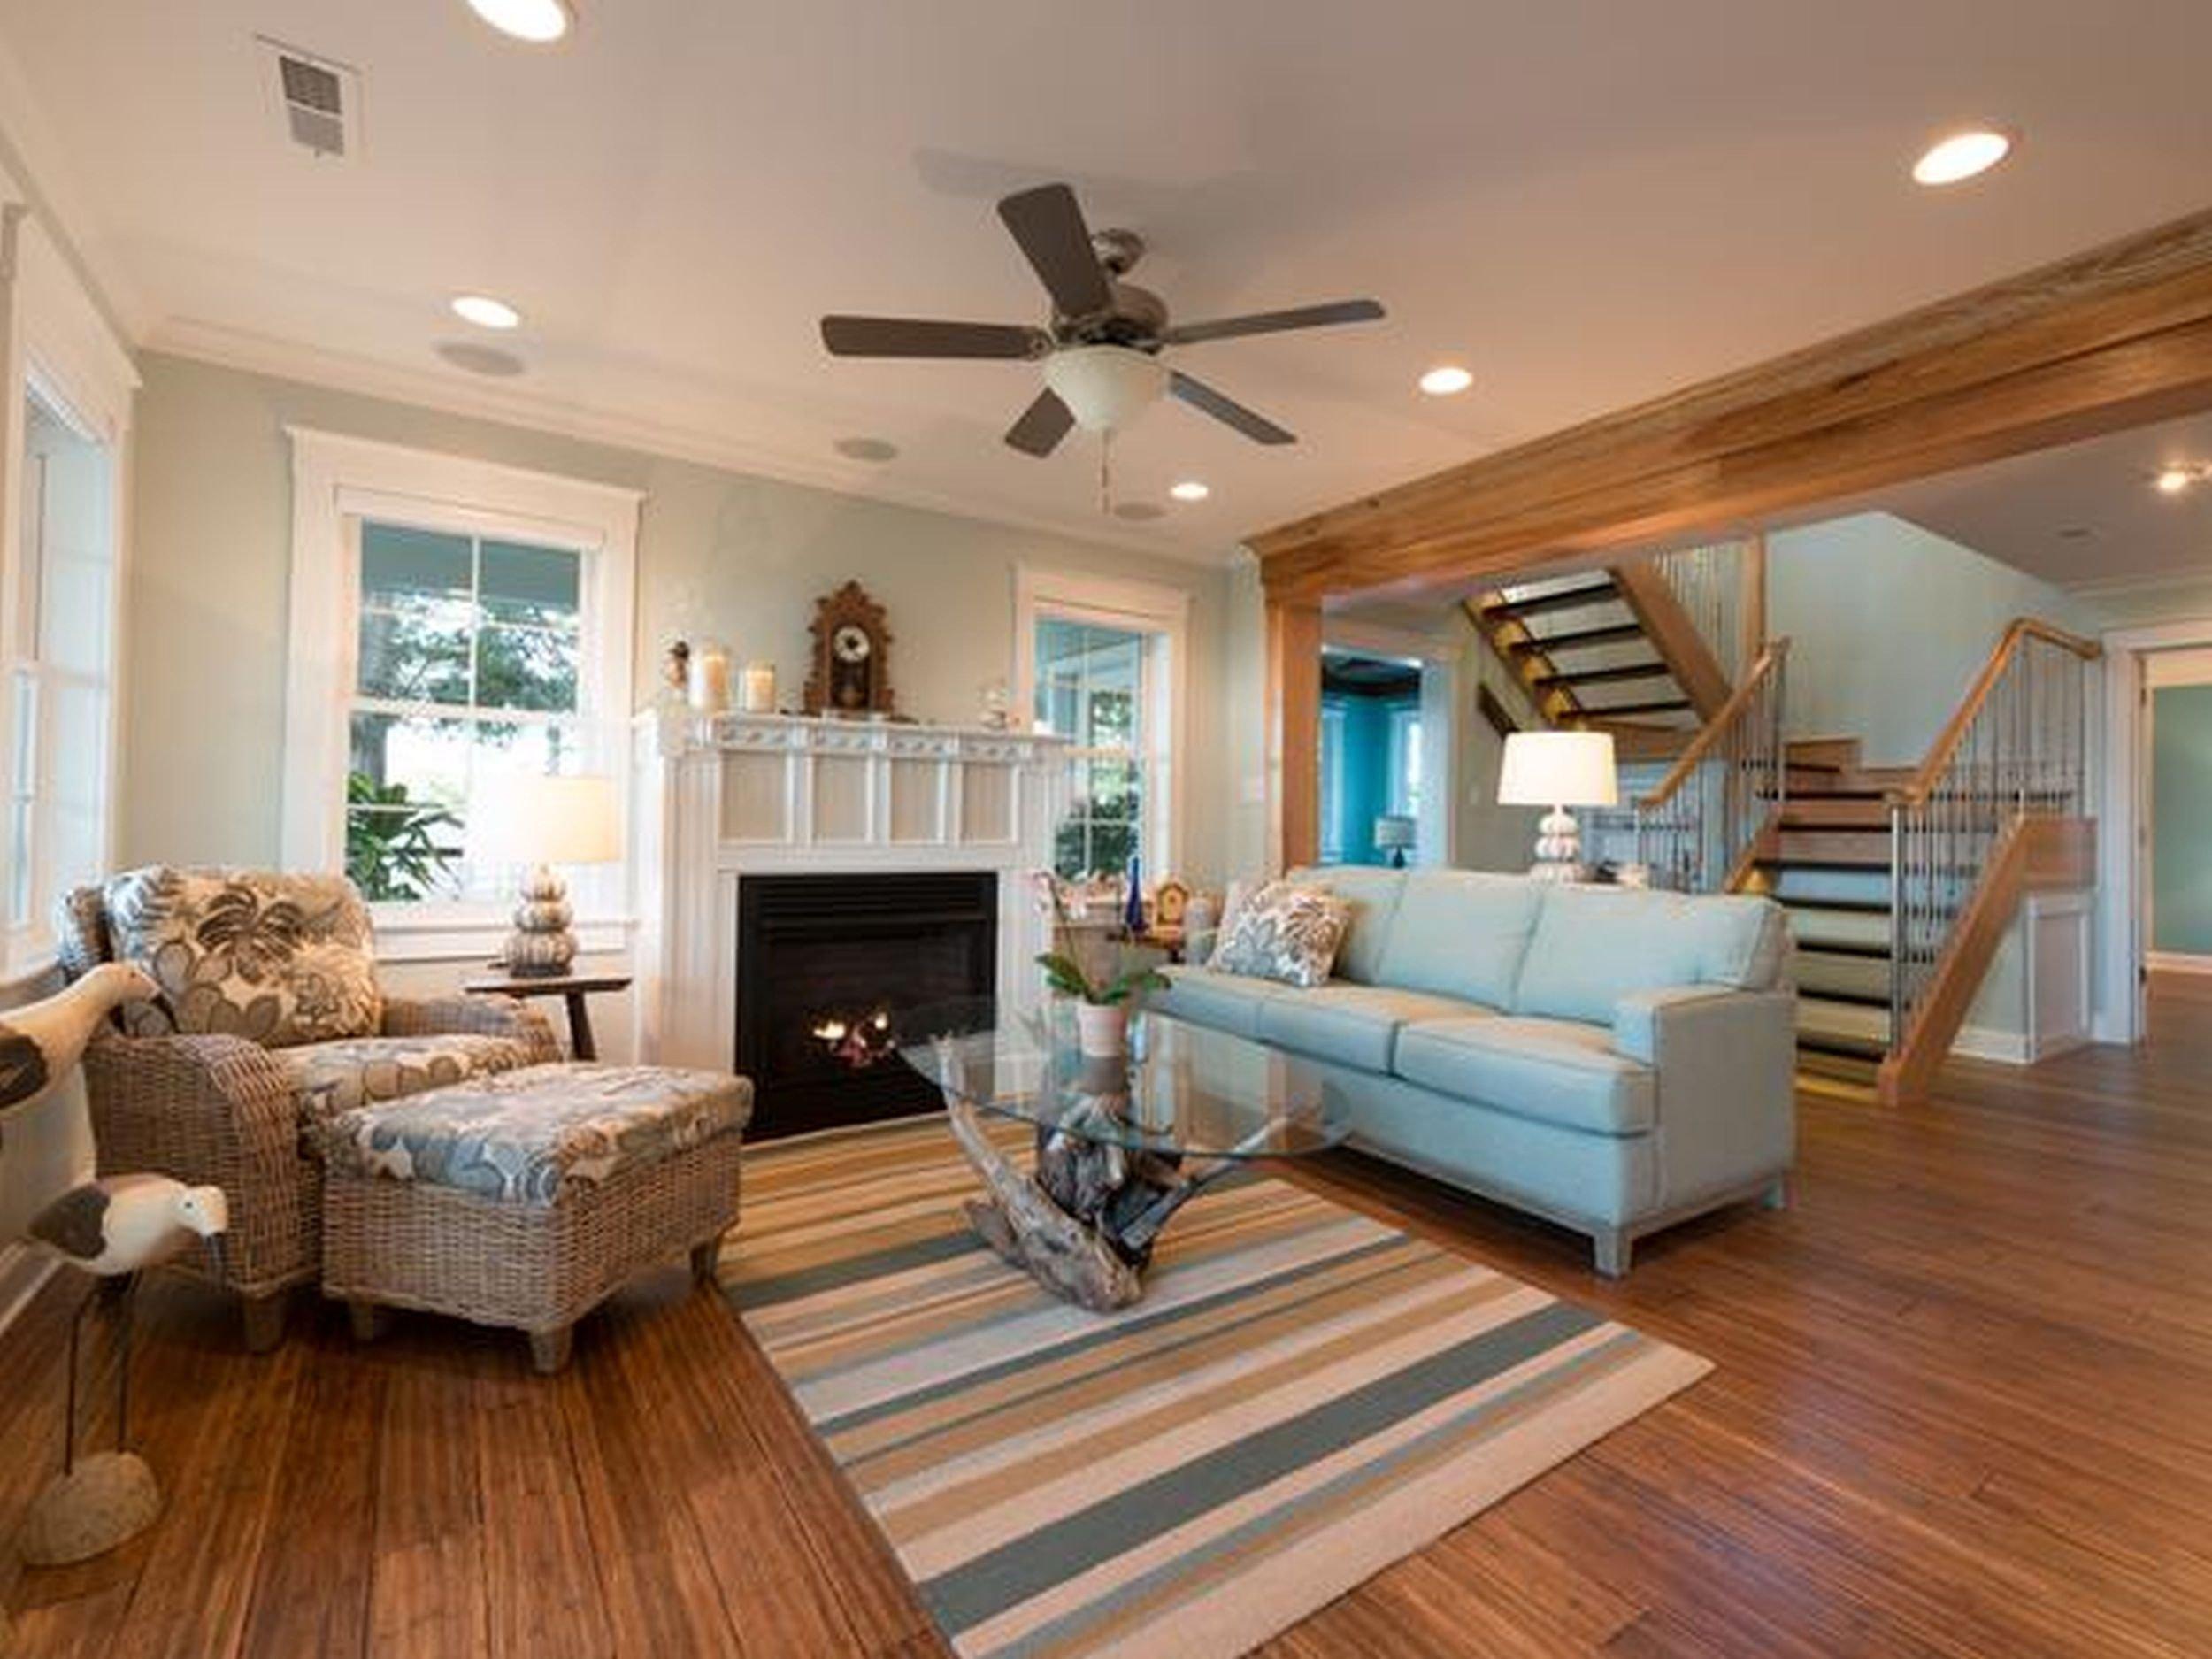 10 Unique Flooring Ideas For Family Room incredible flooring ideas for family room including kitchen pict 2020